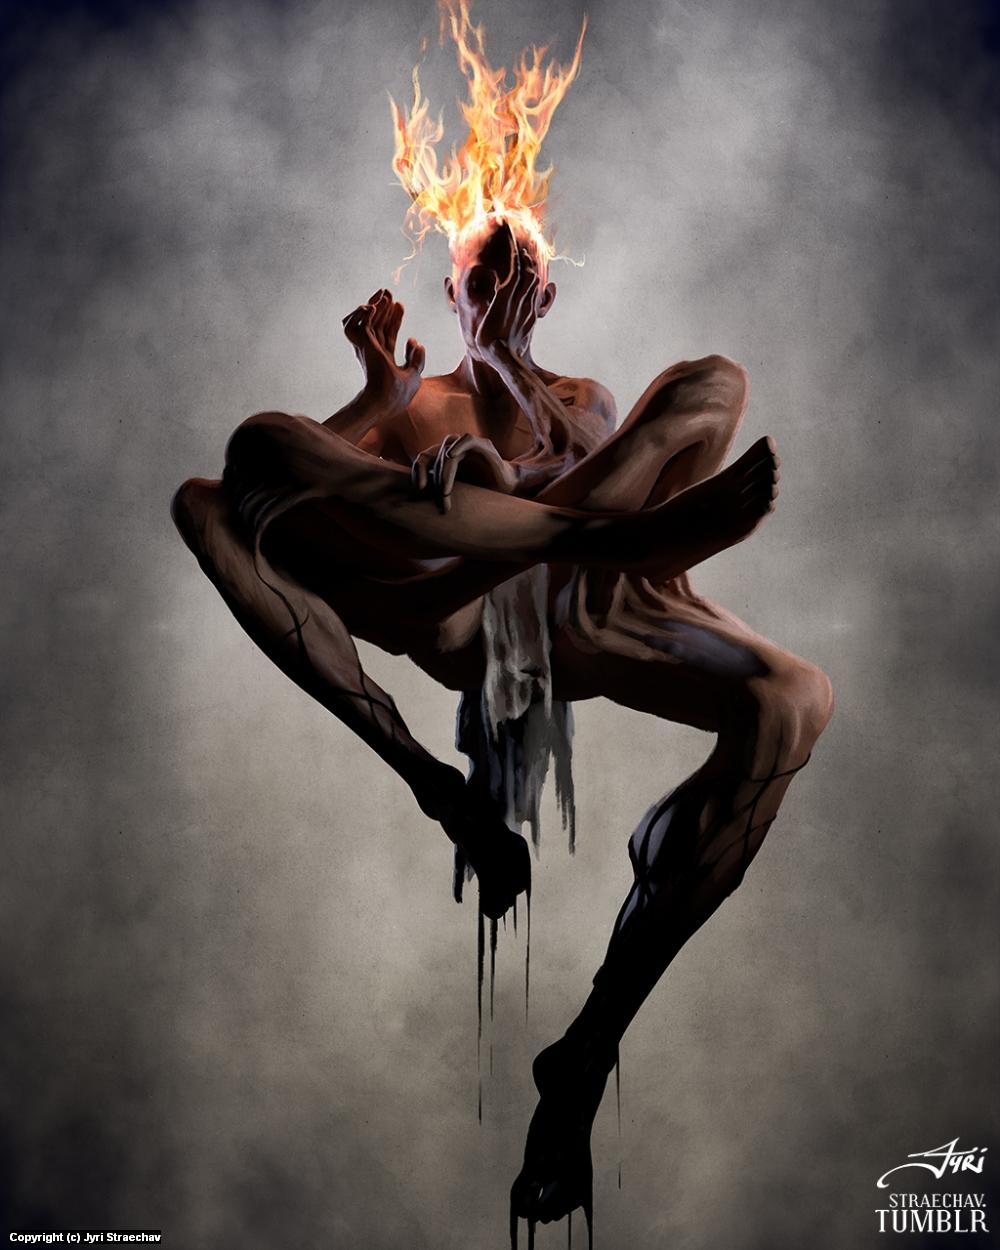 The Seer Artwork by Jyri Straechav